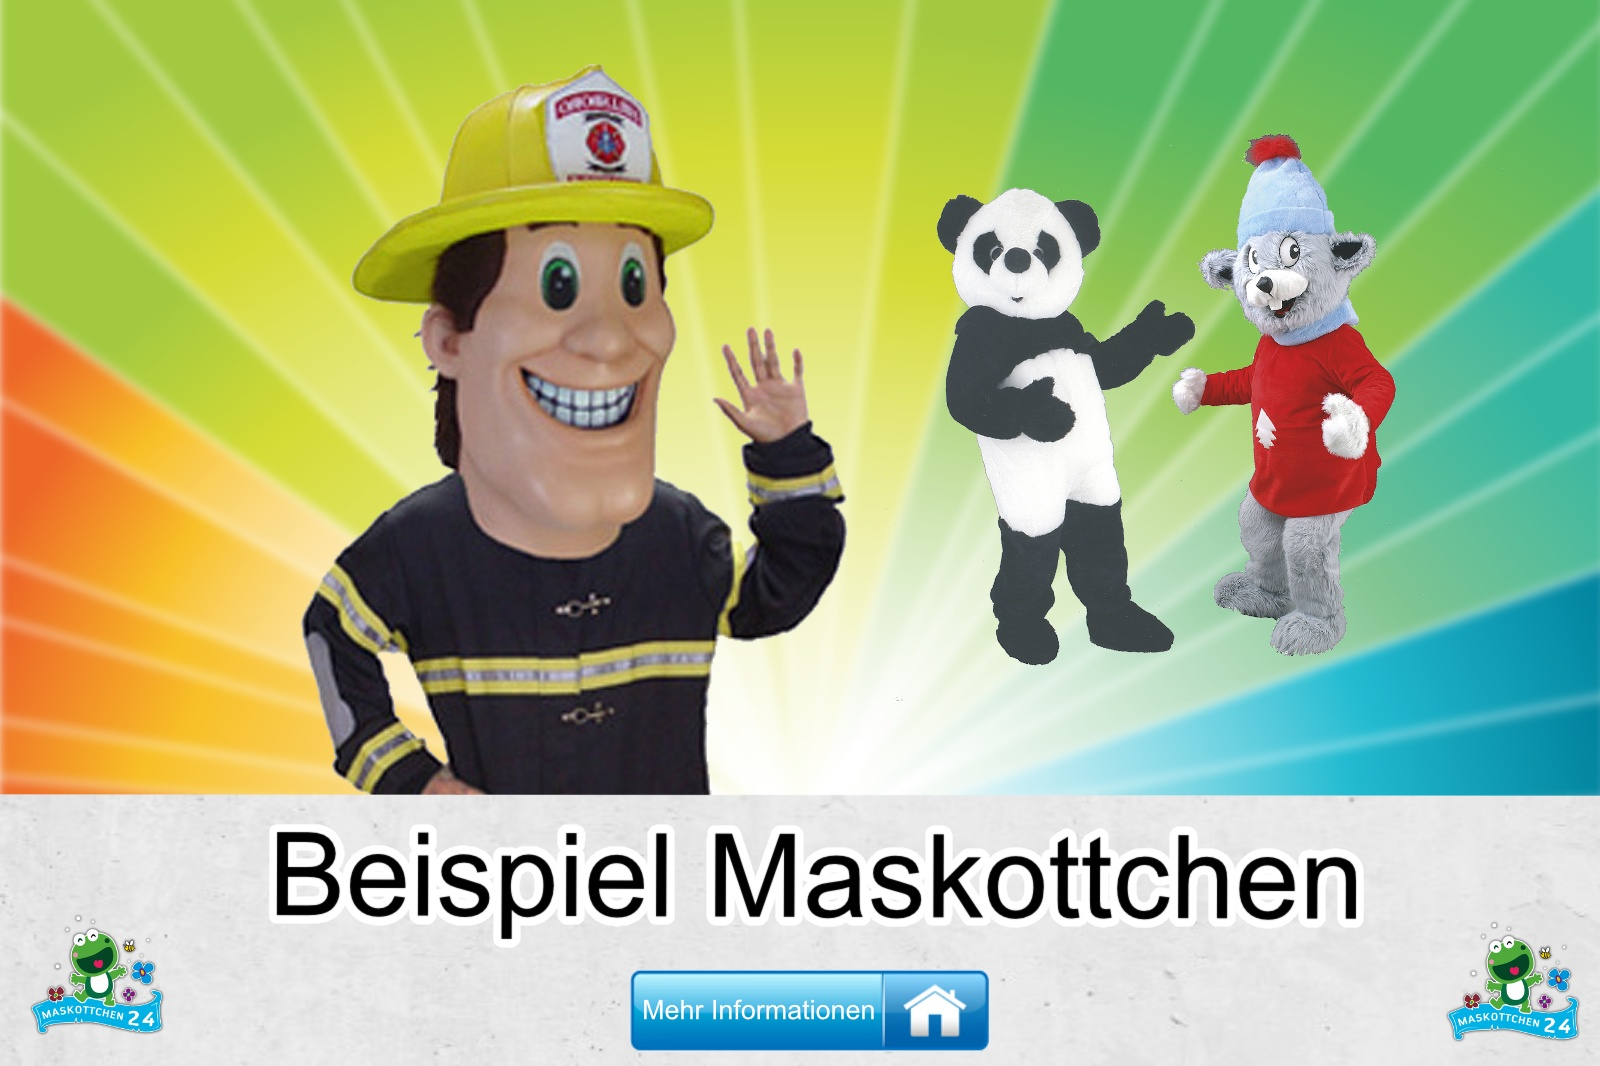 Beispiel Maskottchen Kostüm kaufen